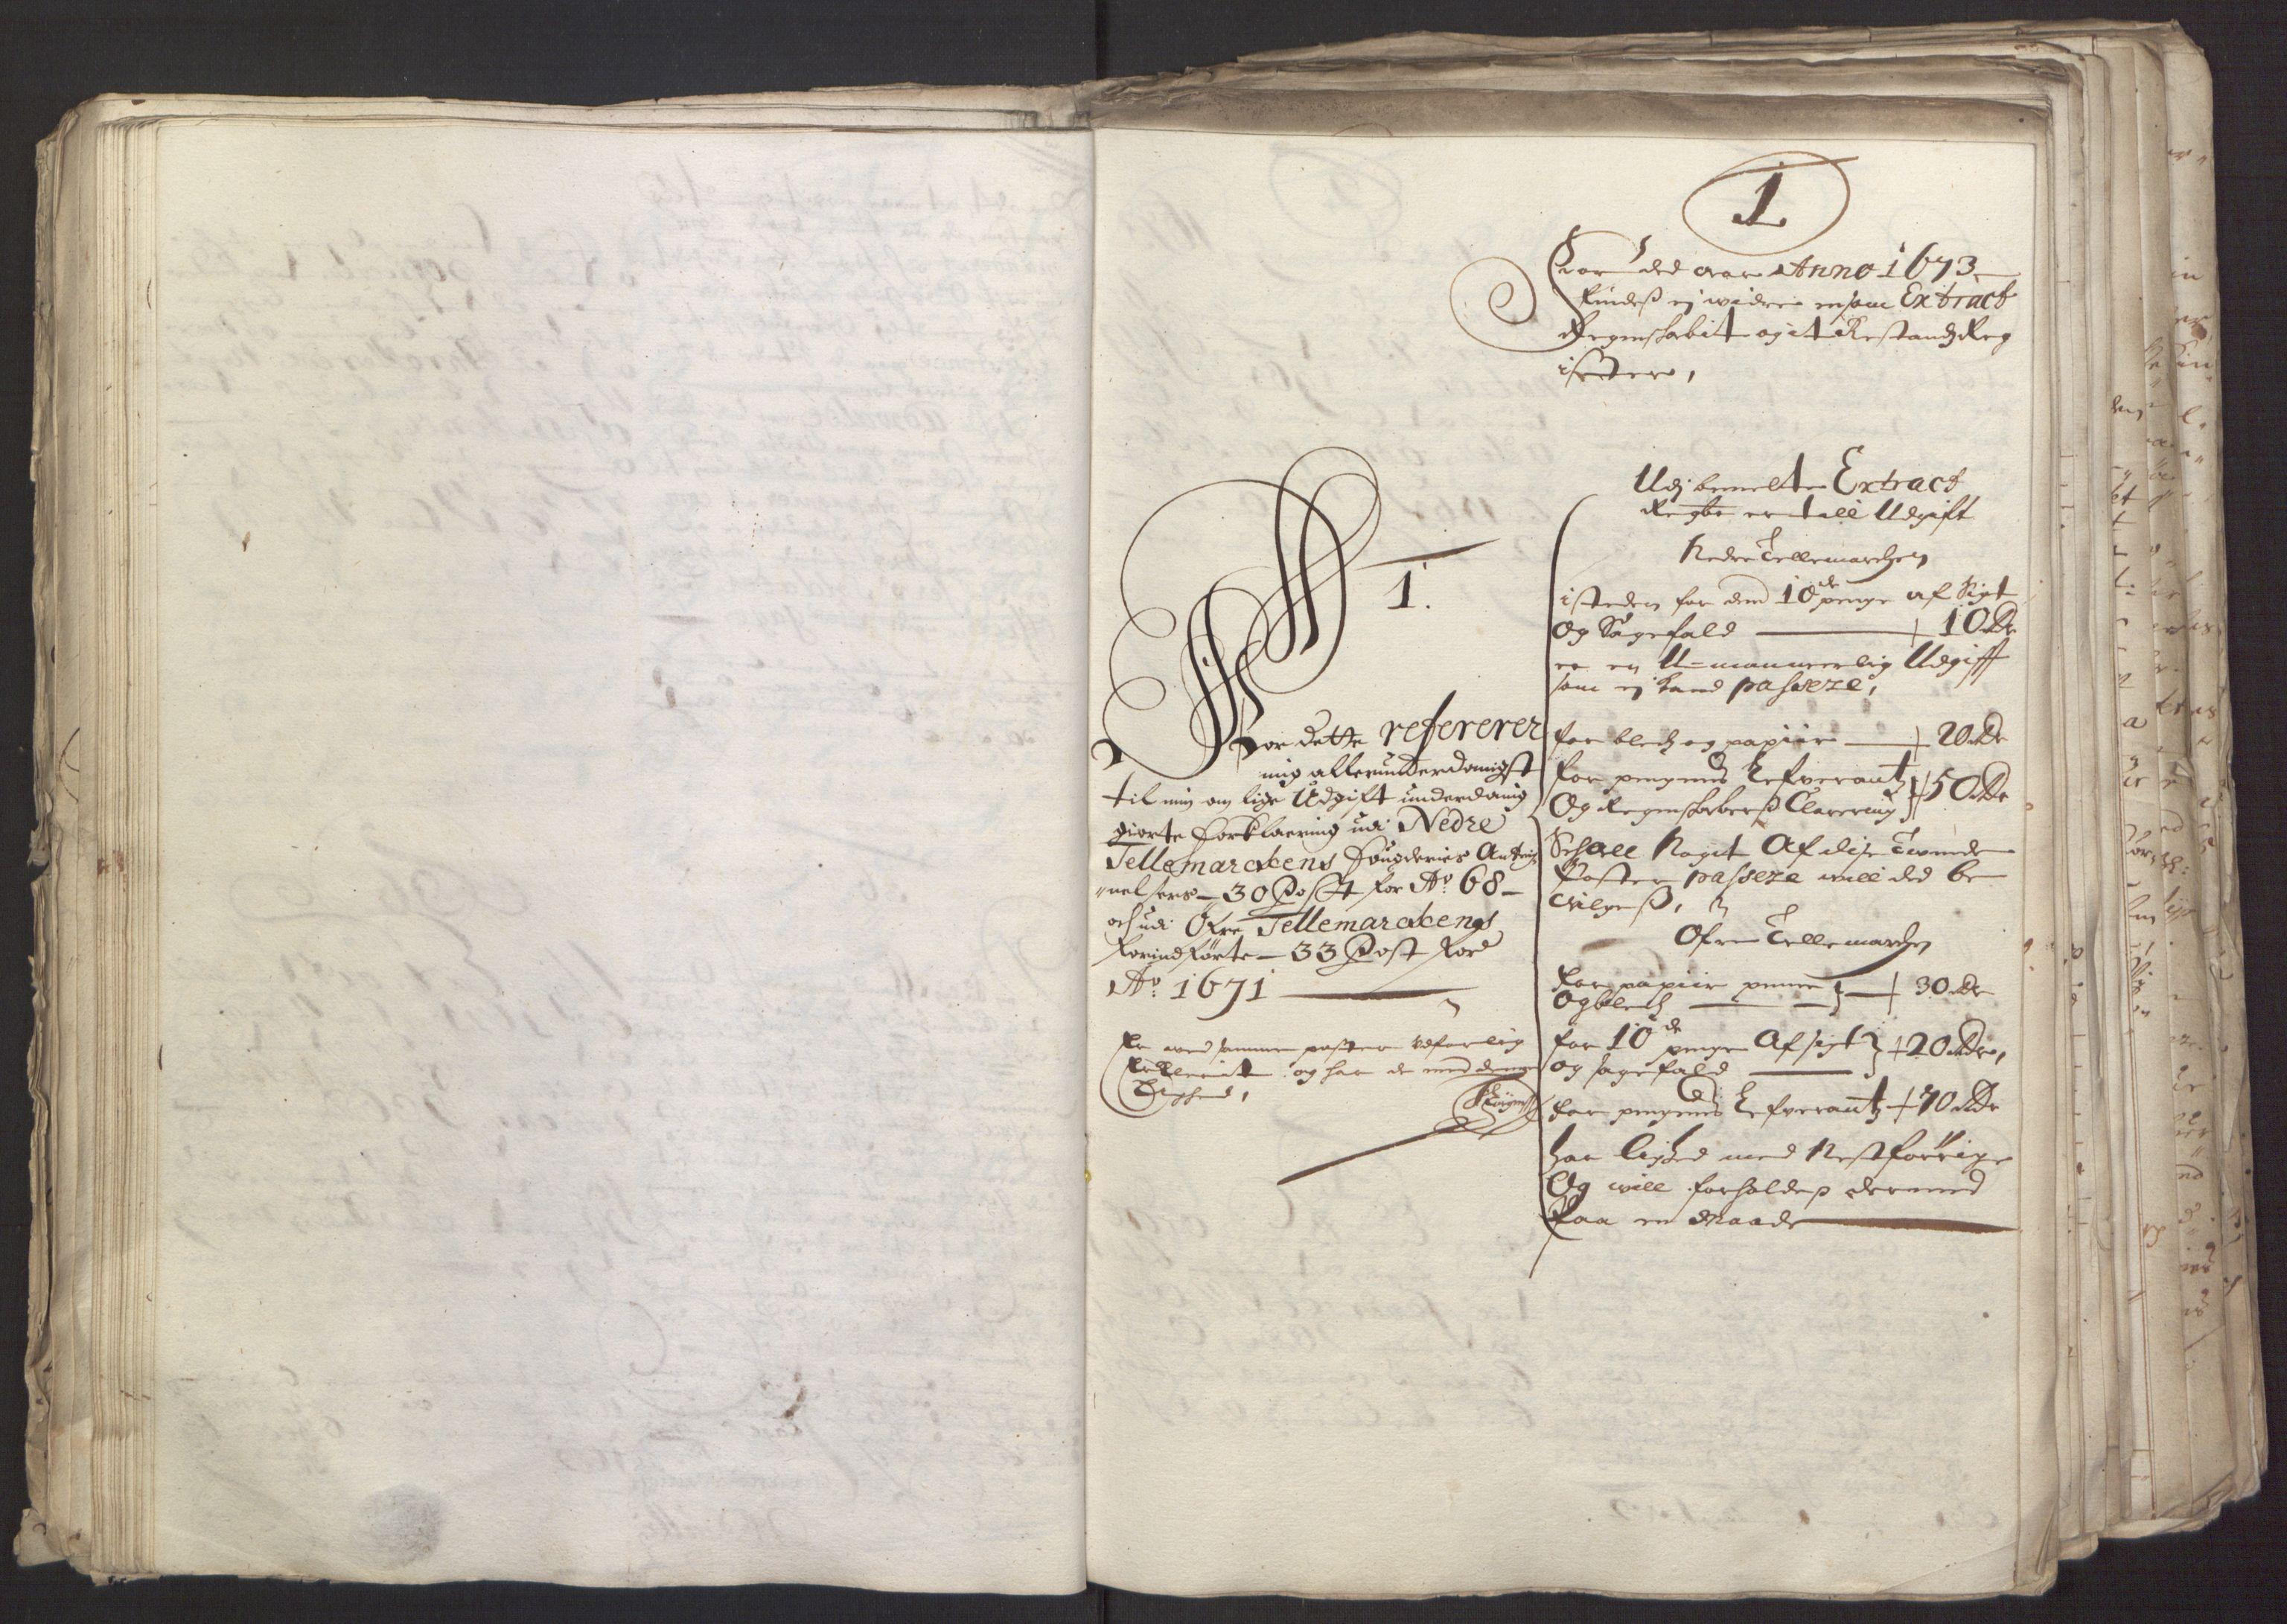 RA, Rentekammeret inntil 1814, Reviderte regnskaper, Fogderegnskap, R35/L2062: Fogderegnskap Øvre og Nedre Telemark, 1674, s. 41